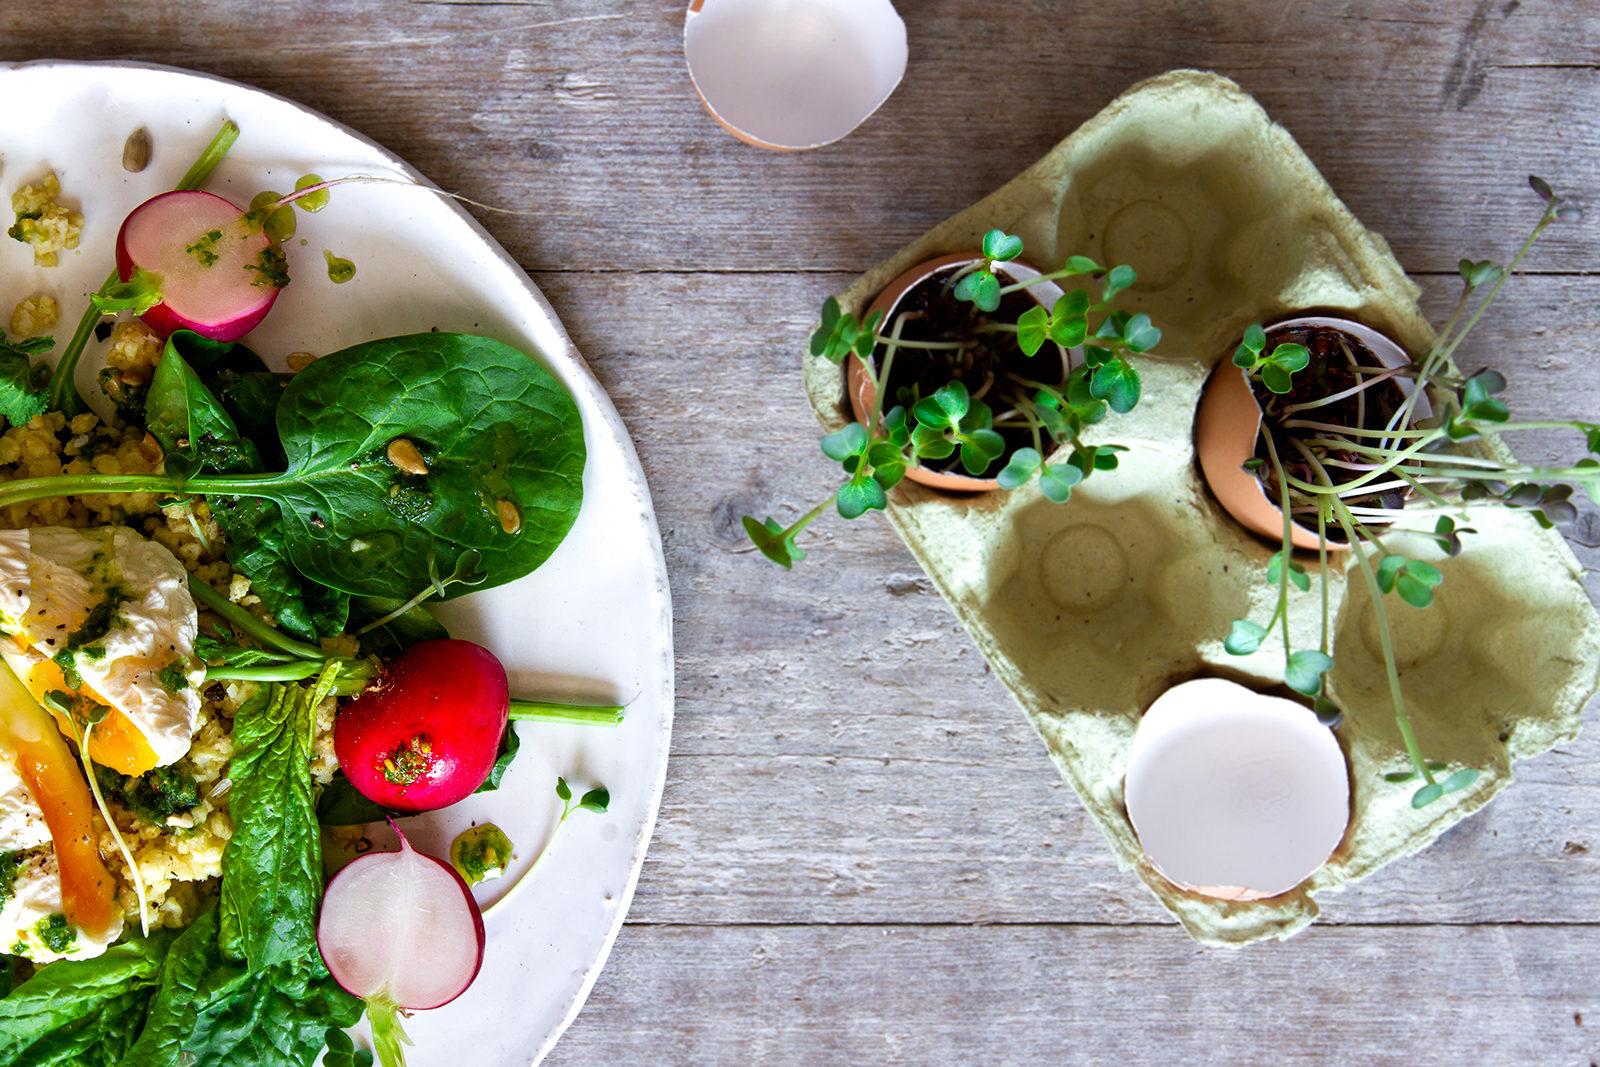 Spinatsalat! Glutenfrei und einfach zubereitet. Mit Hirse, Radieschenblatt-Gremolata, pochiertem Ei. Perfekt für den Gründonnerstag oder für den Osterbrunch. Ein bewusster Vitaminspender.